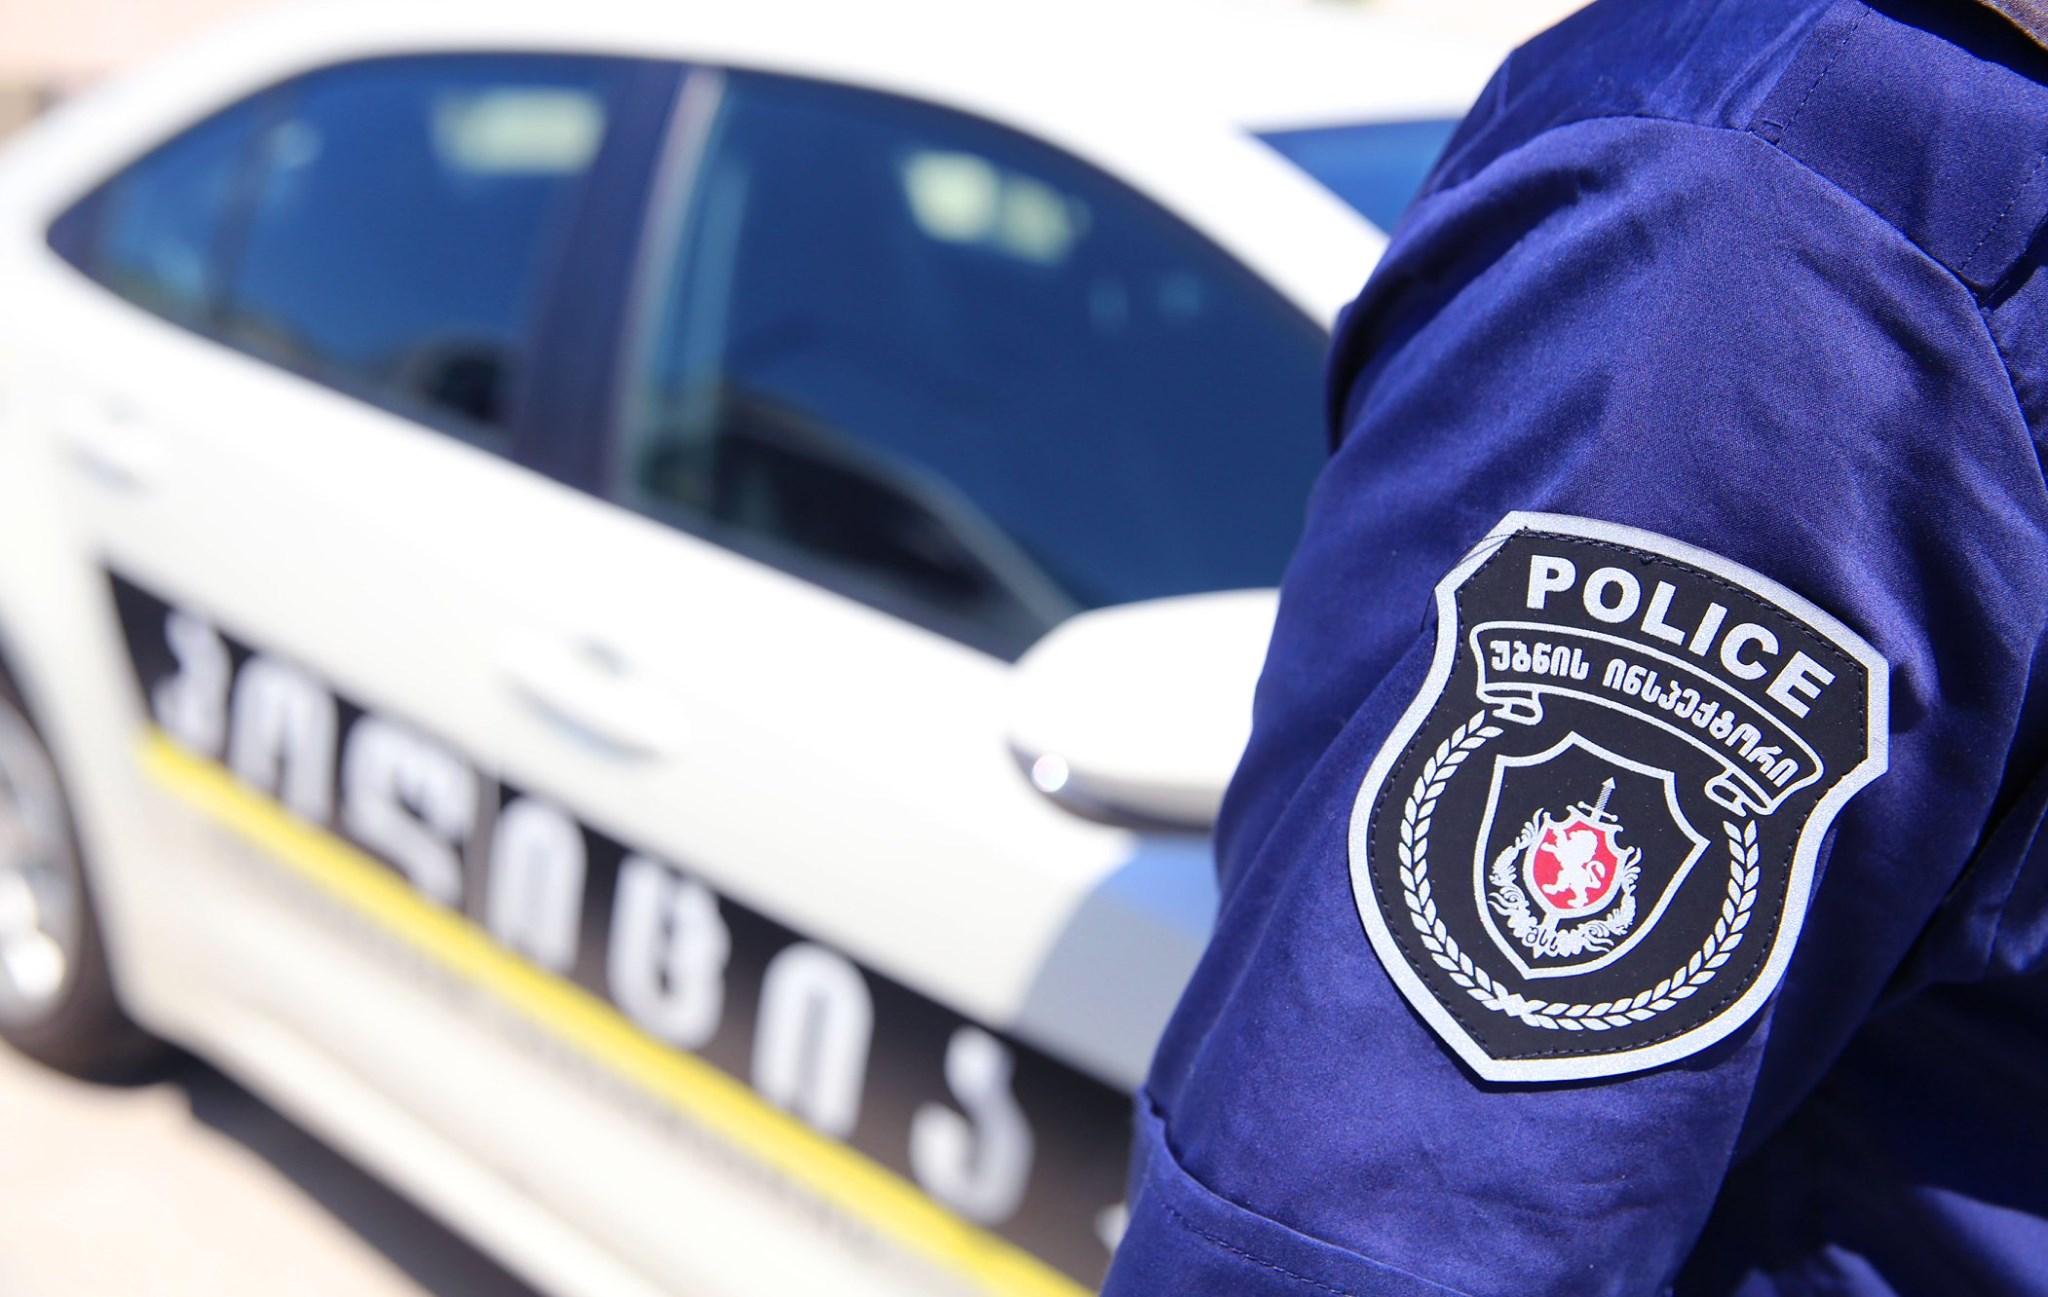 Police #новости Bank of Georgia, банк, Важа Сирадзе, Николоз Цурцумия, ограбление